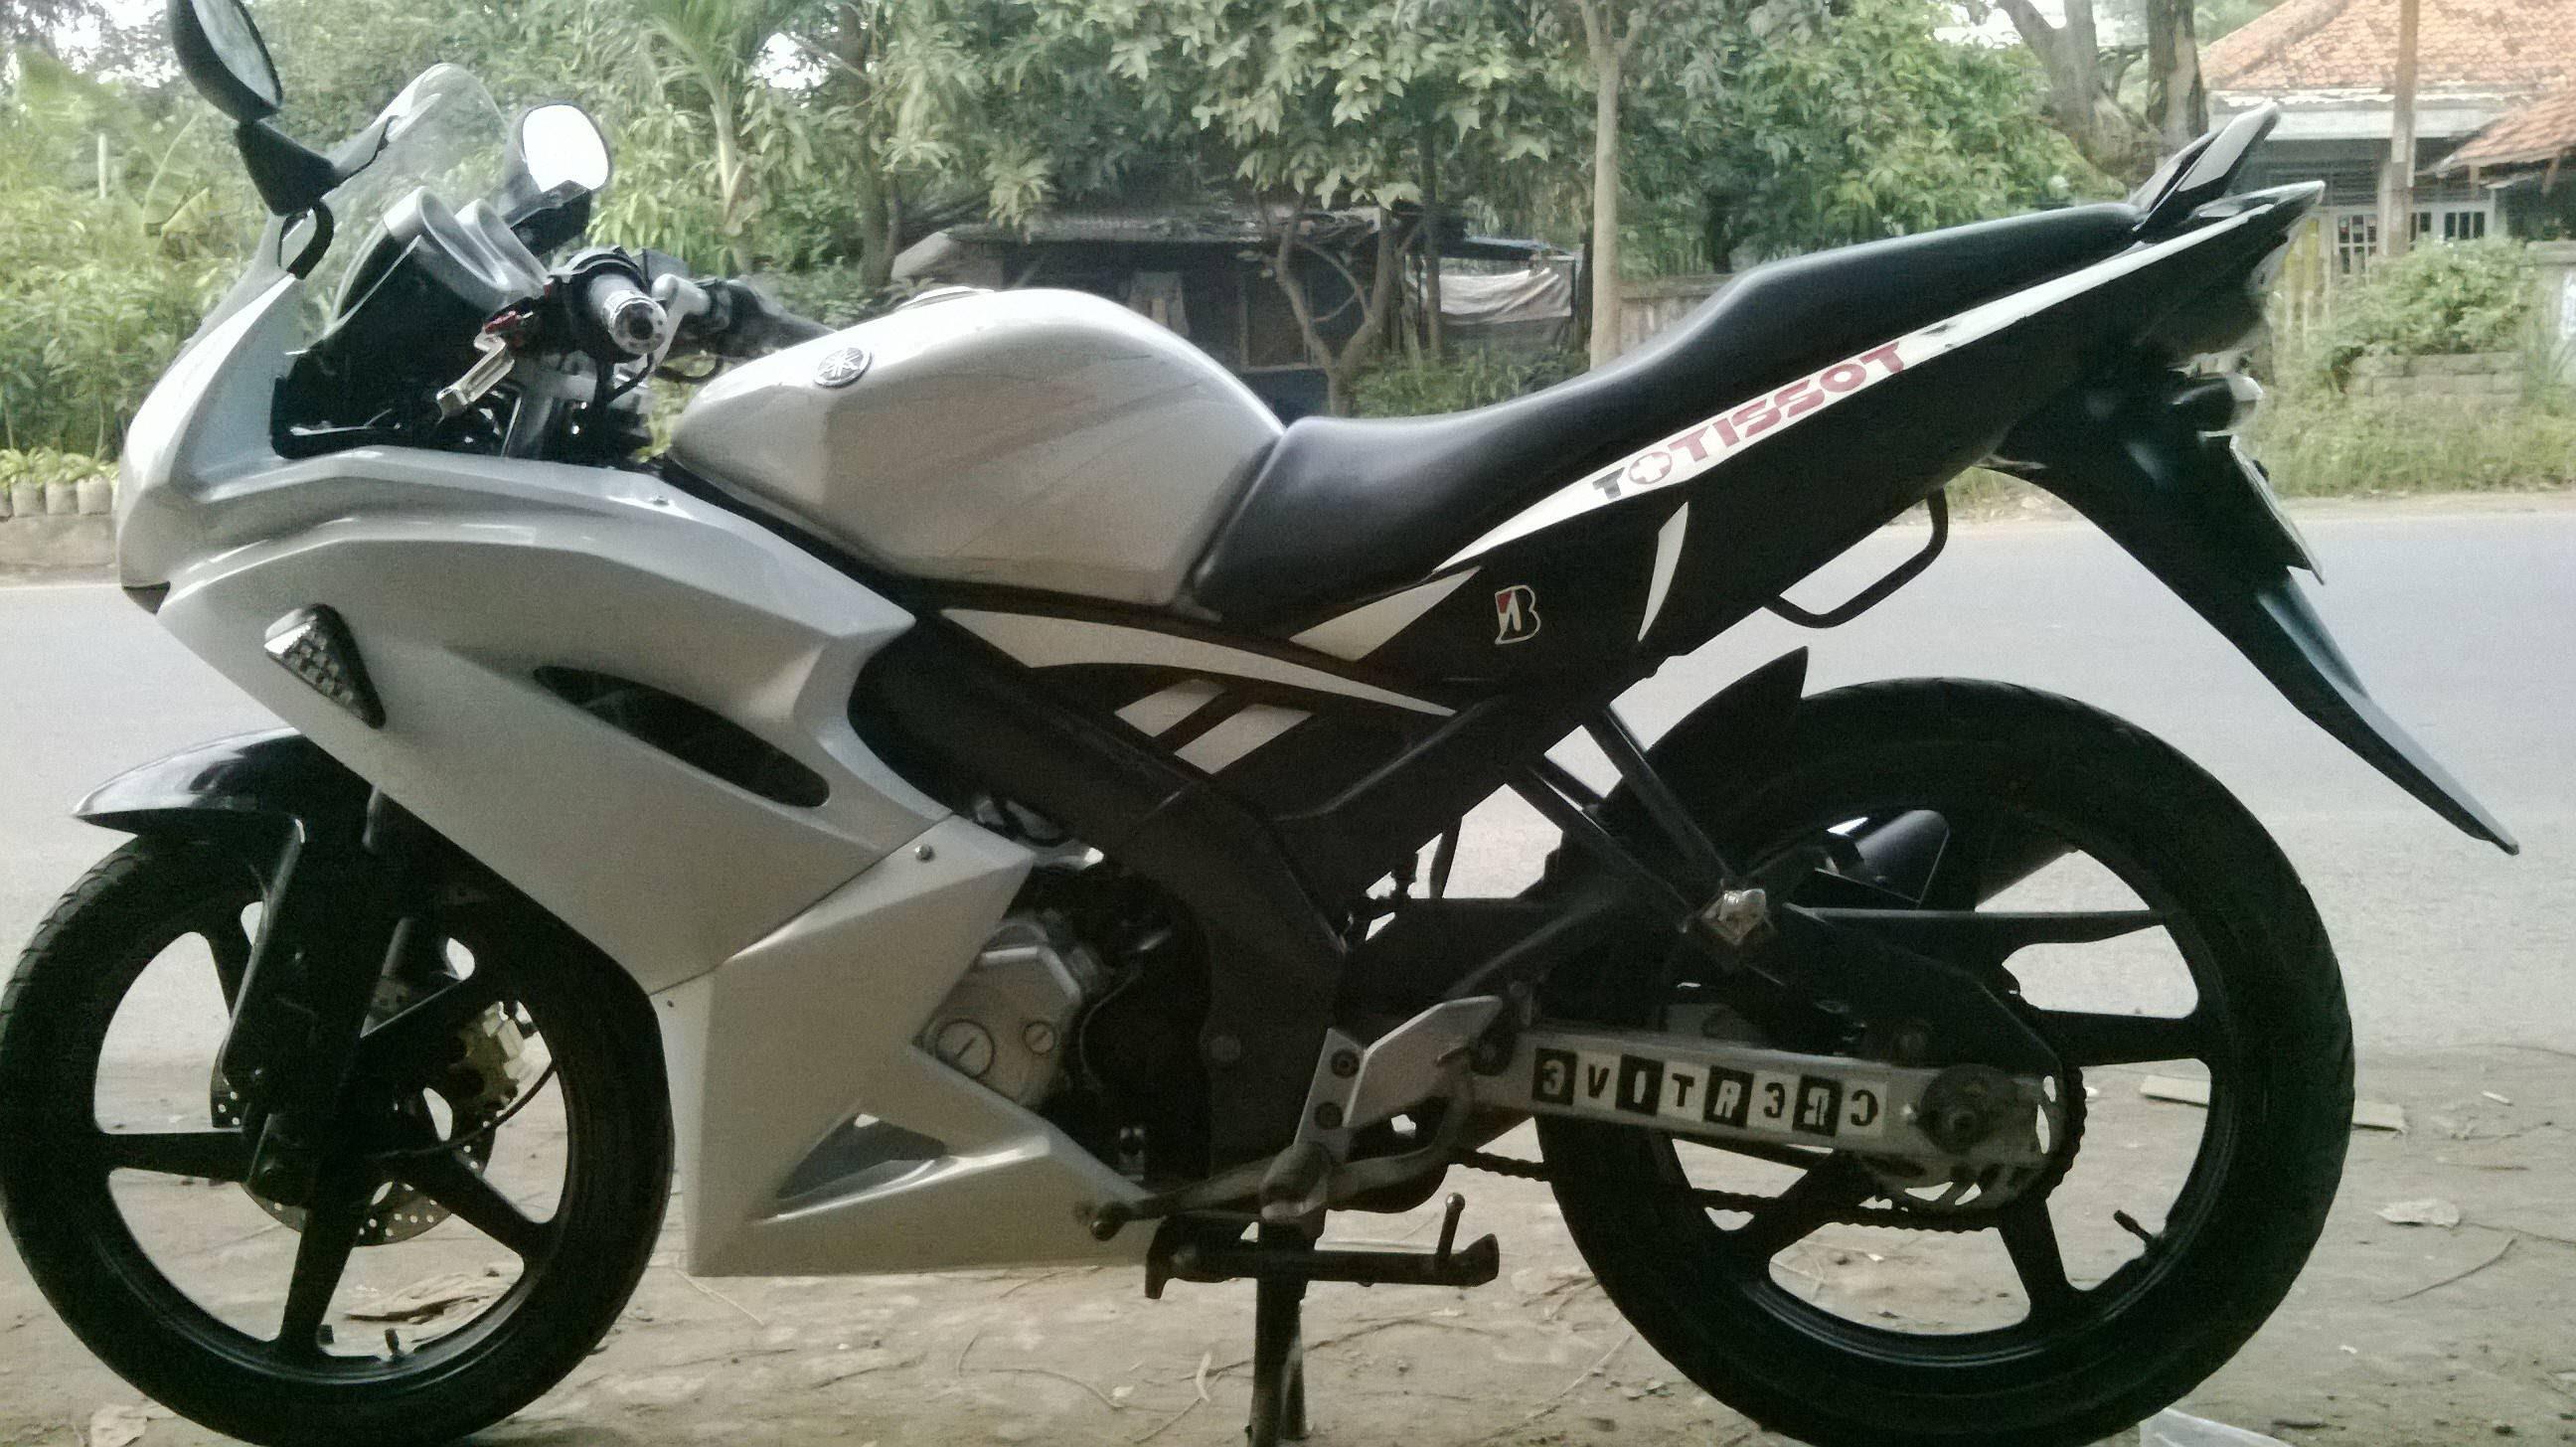 101 Biaya Modifikasi Vixion 2010 Full Fairing Modifikasi Motor